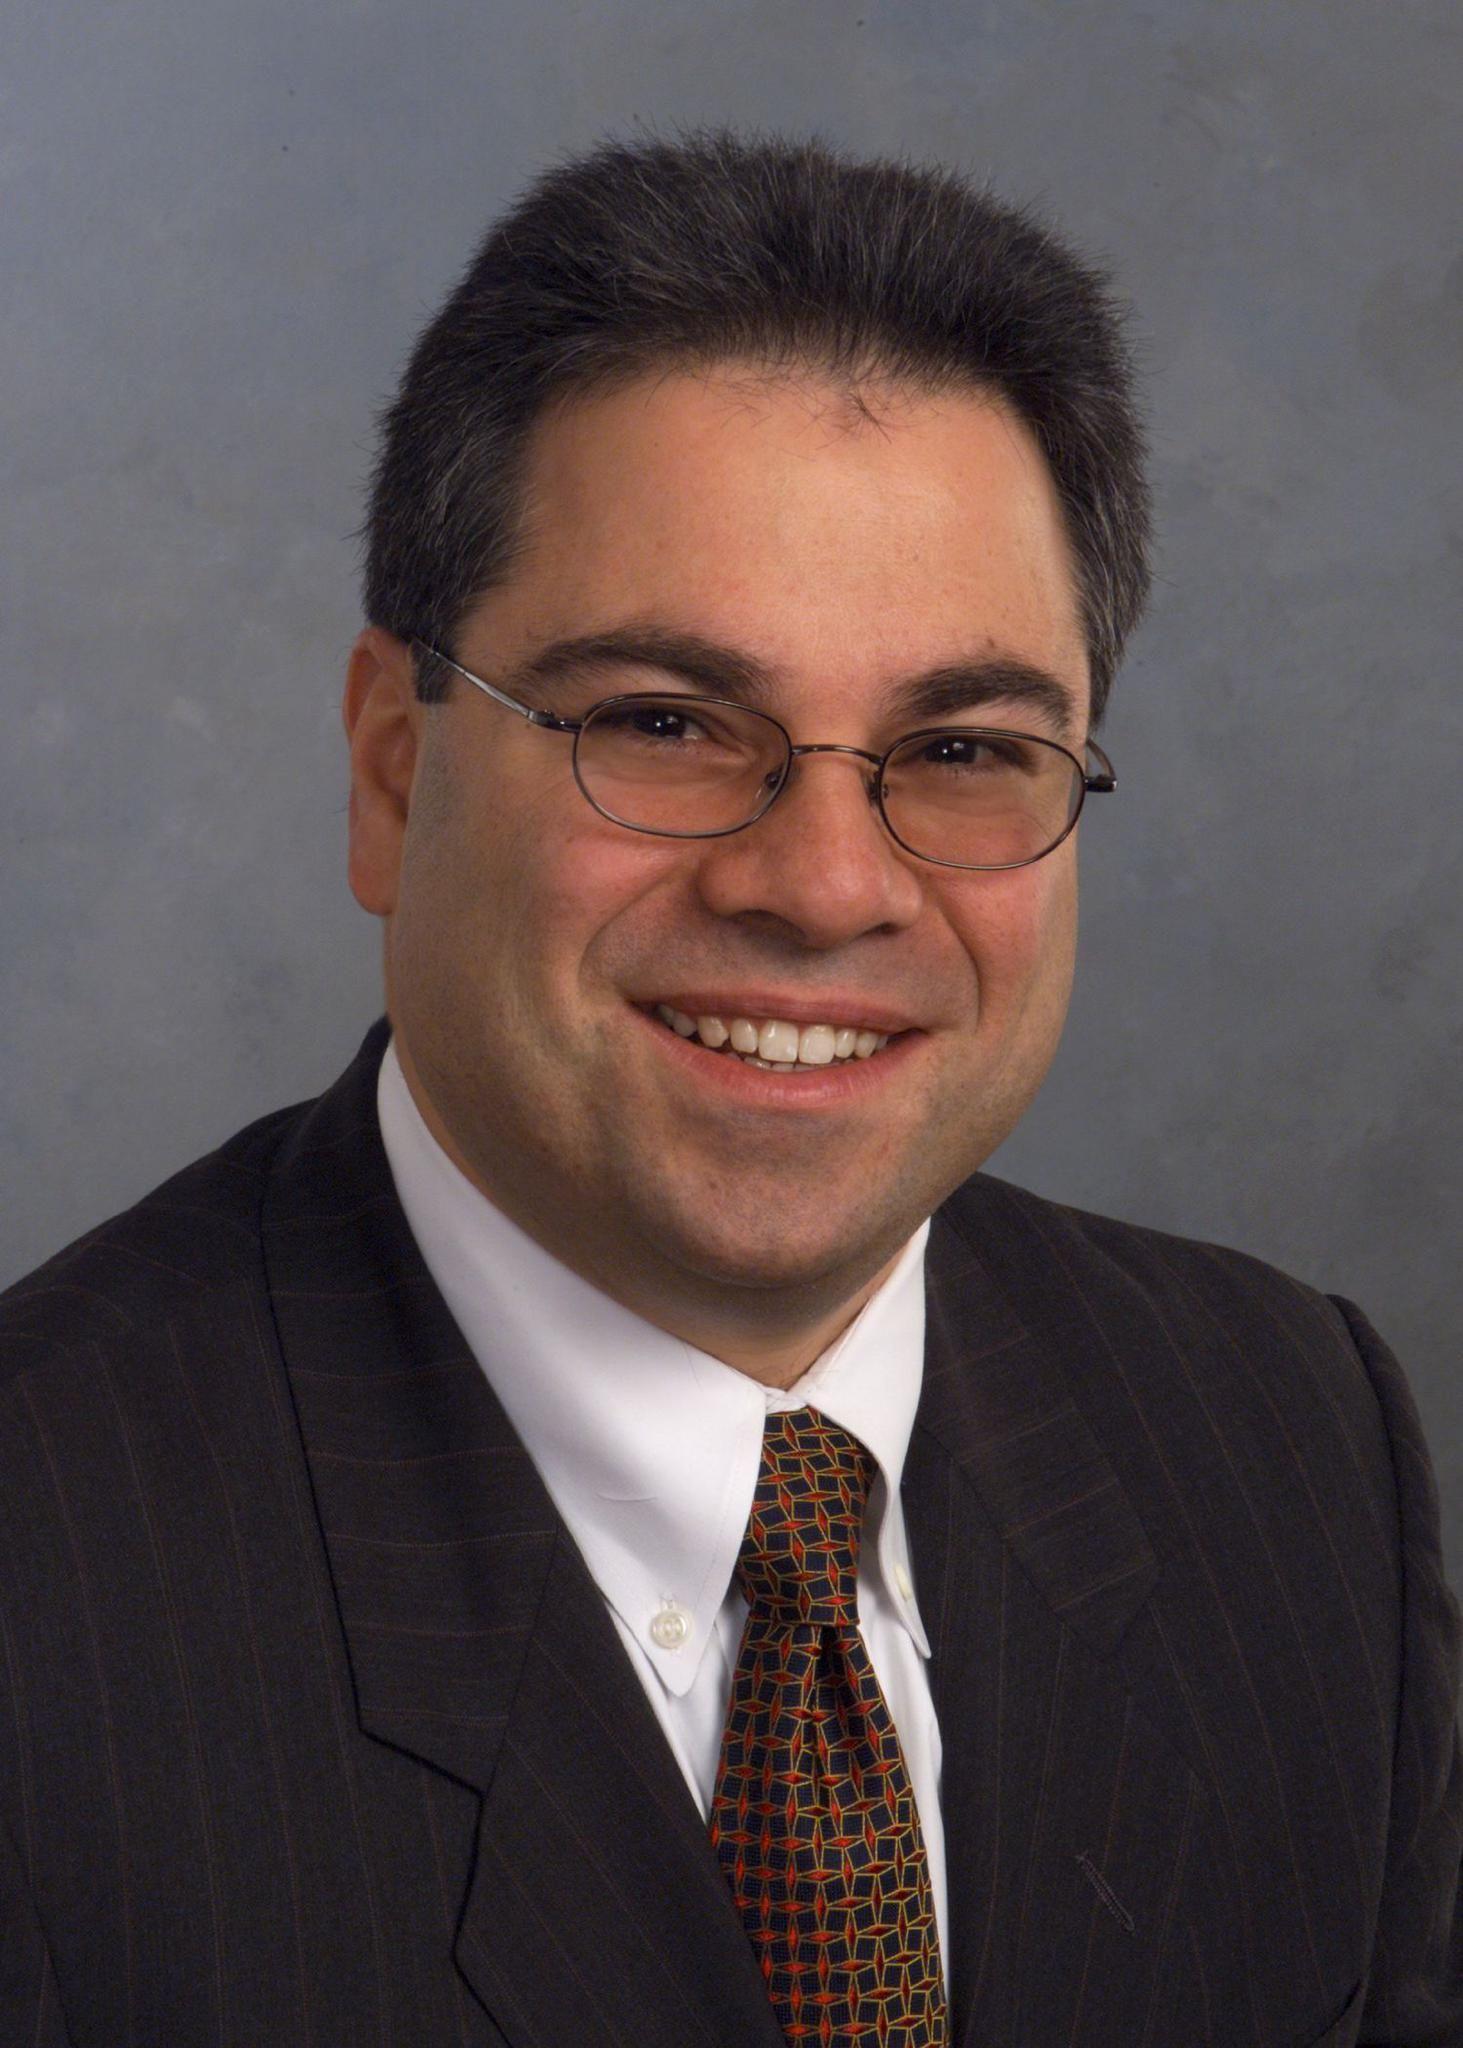 Paul Mackler